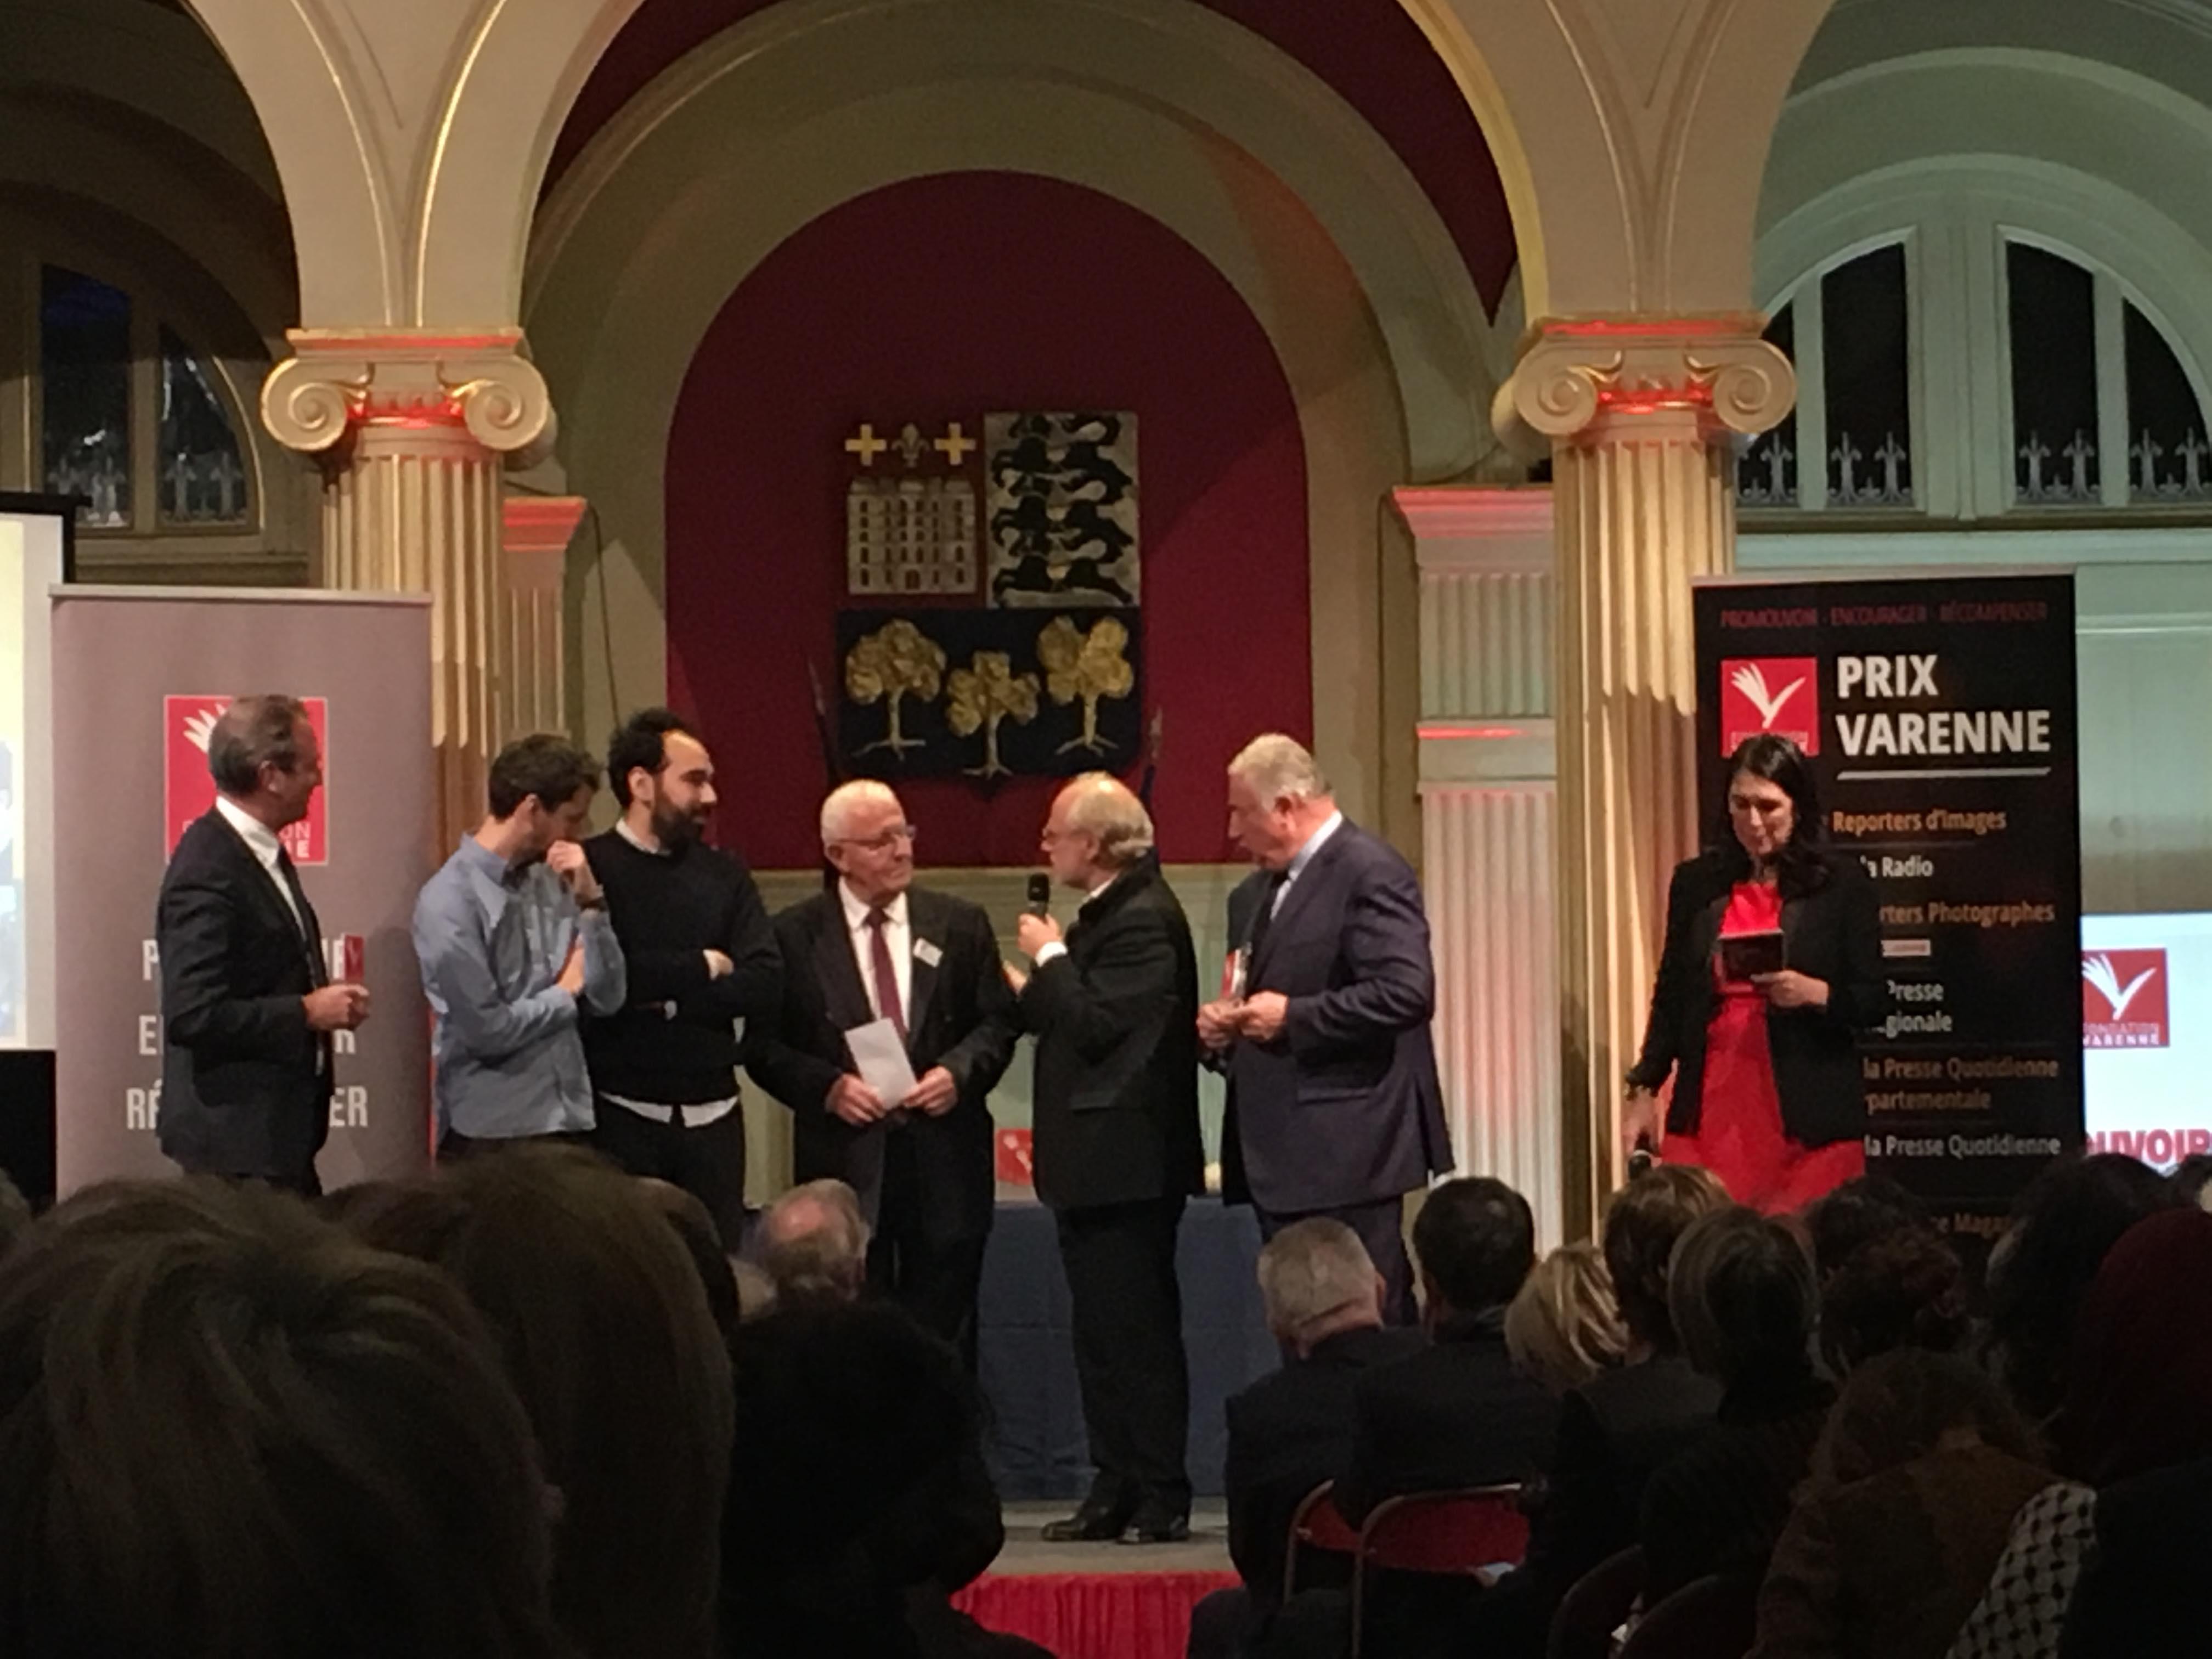 Vincent Coquaz et Ismaël Halissa, Libération, prix Varenne 2018